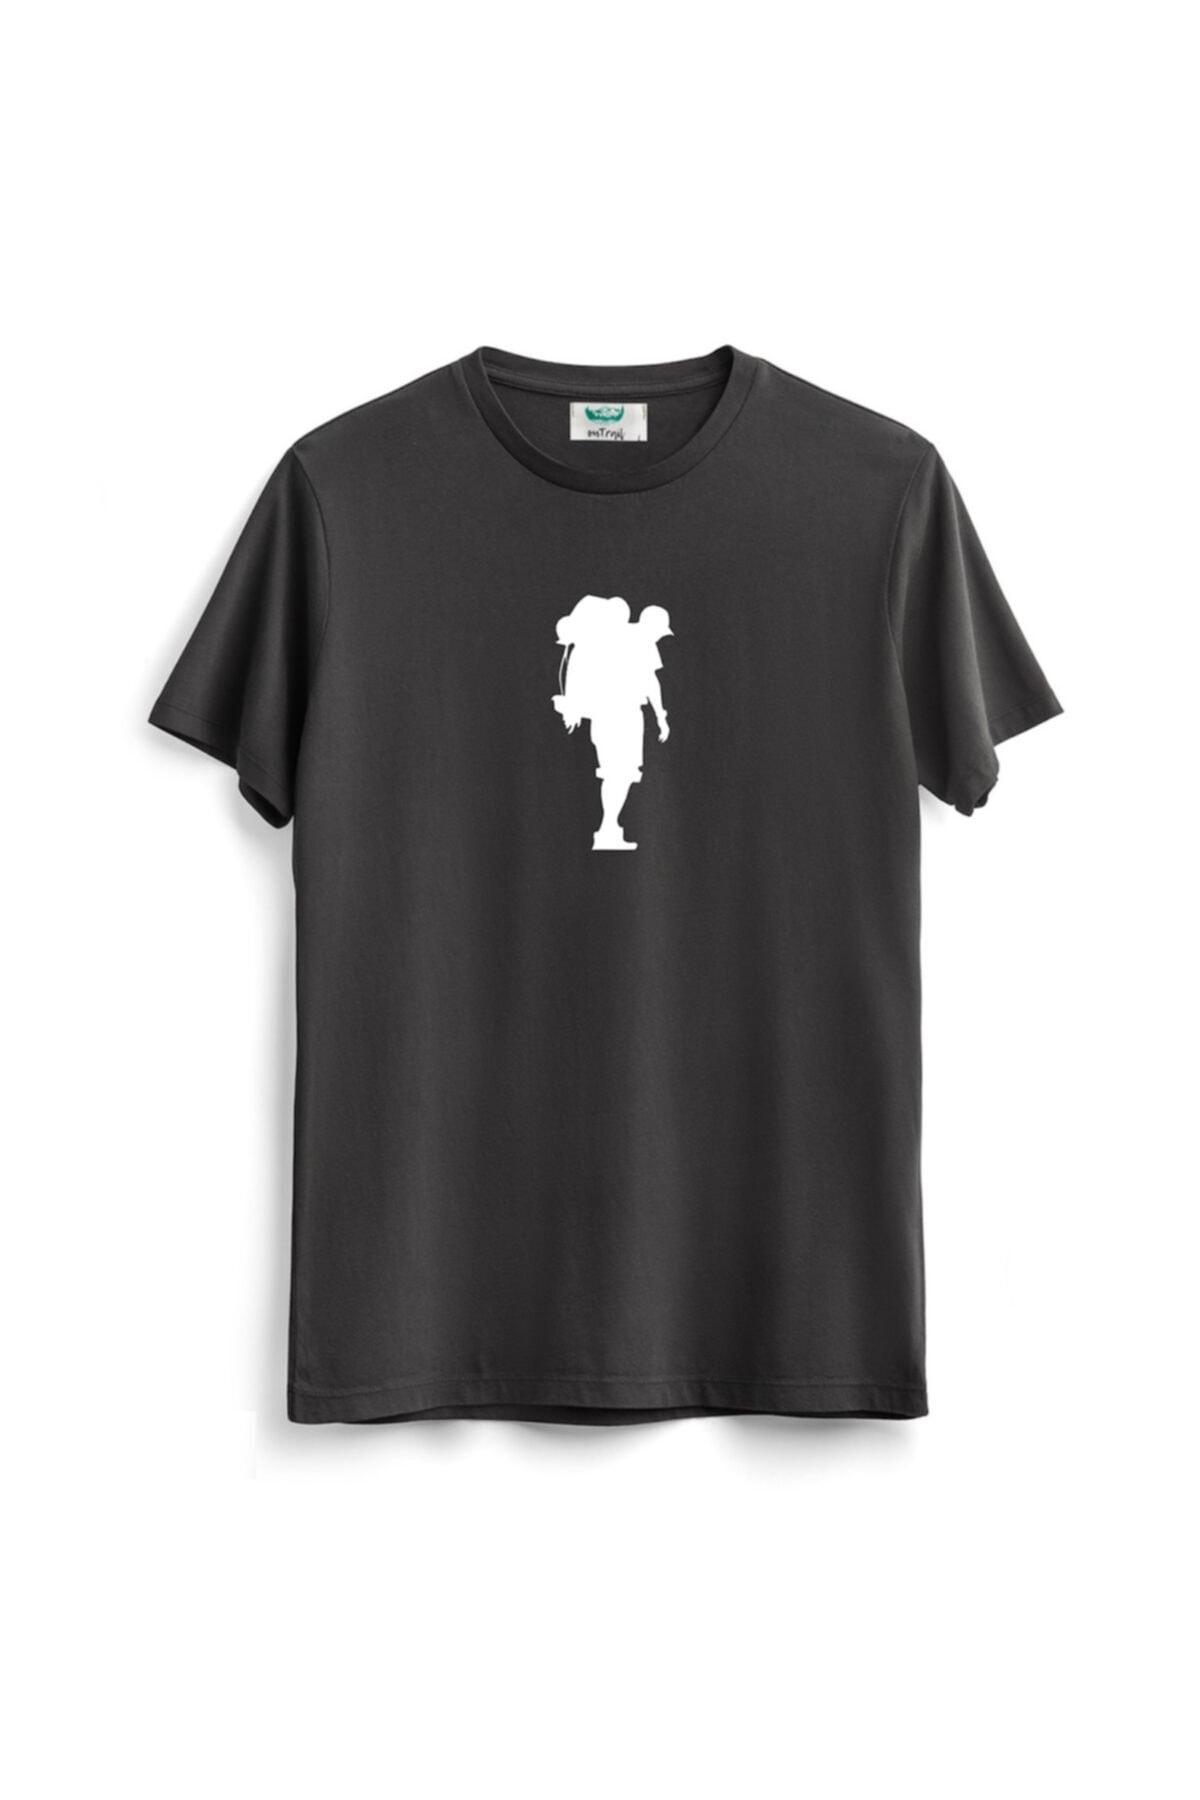 خرید اینترنتی تی شرت بلند برند Outrail رنگ نقره ای کد ty94560892